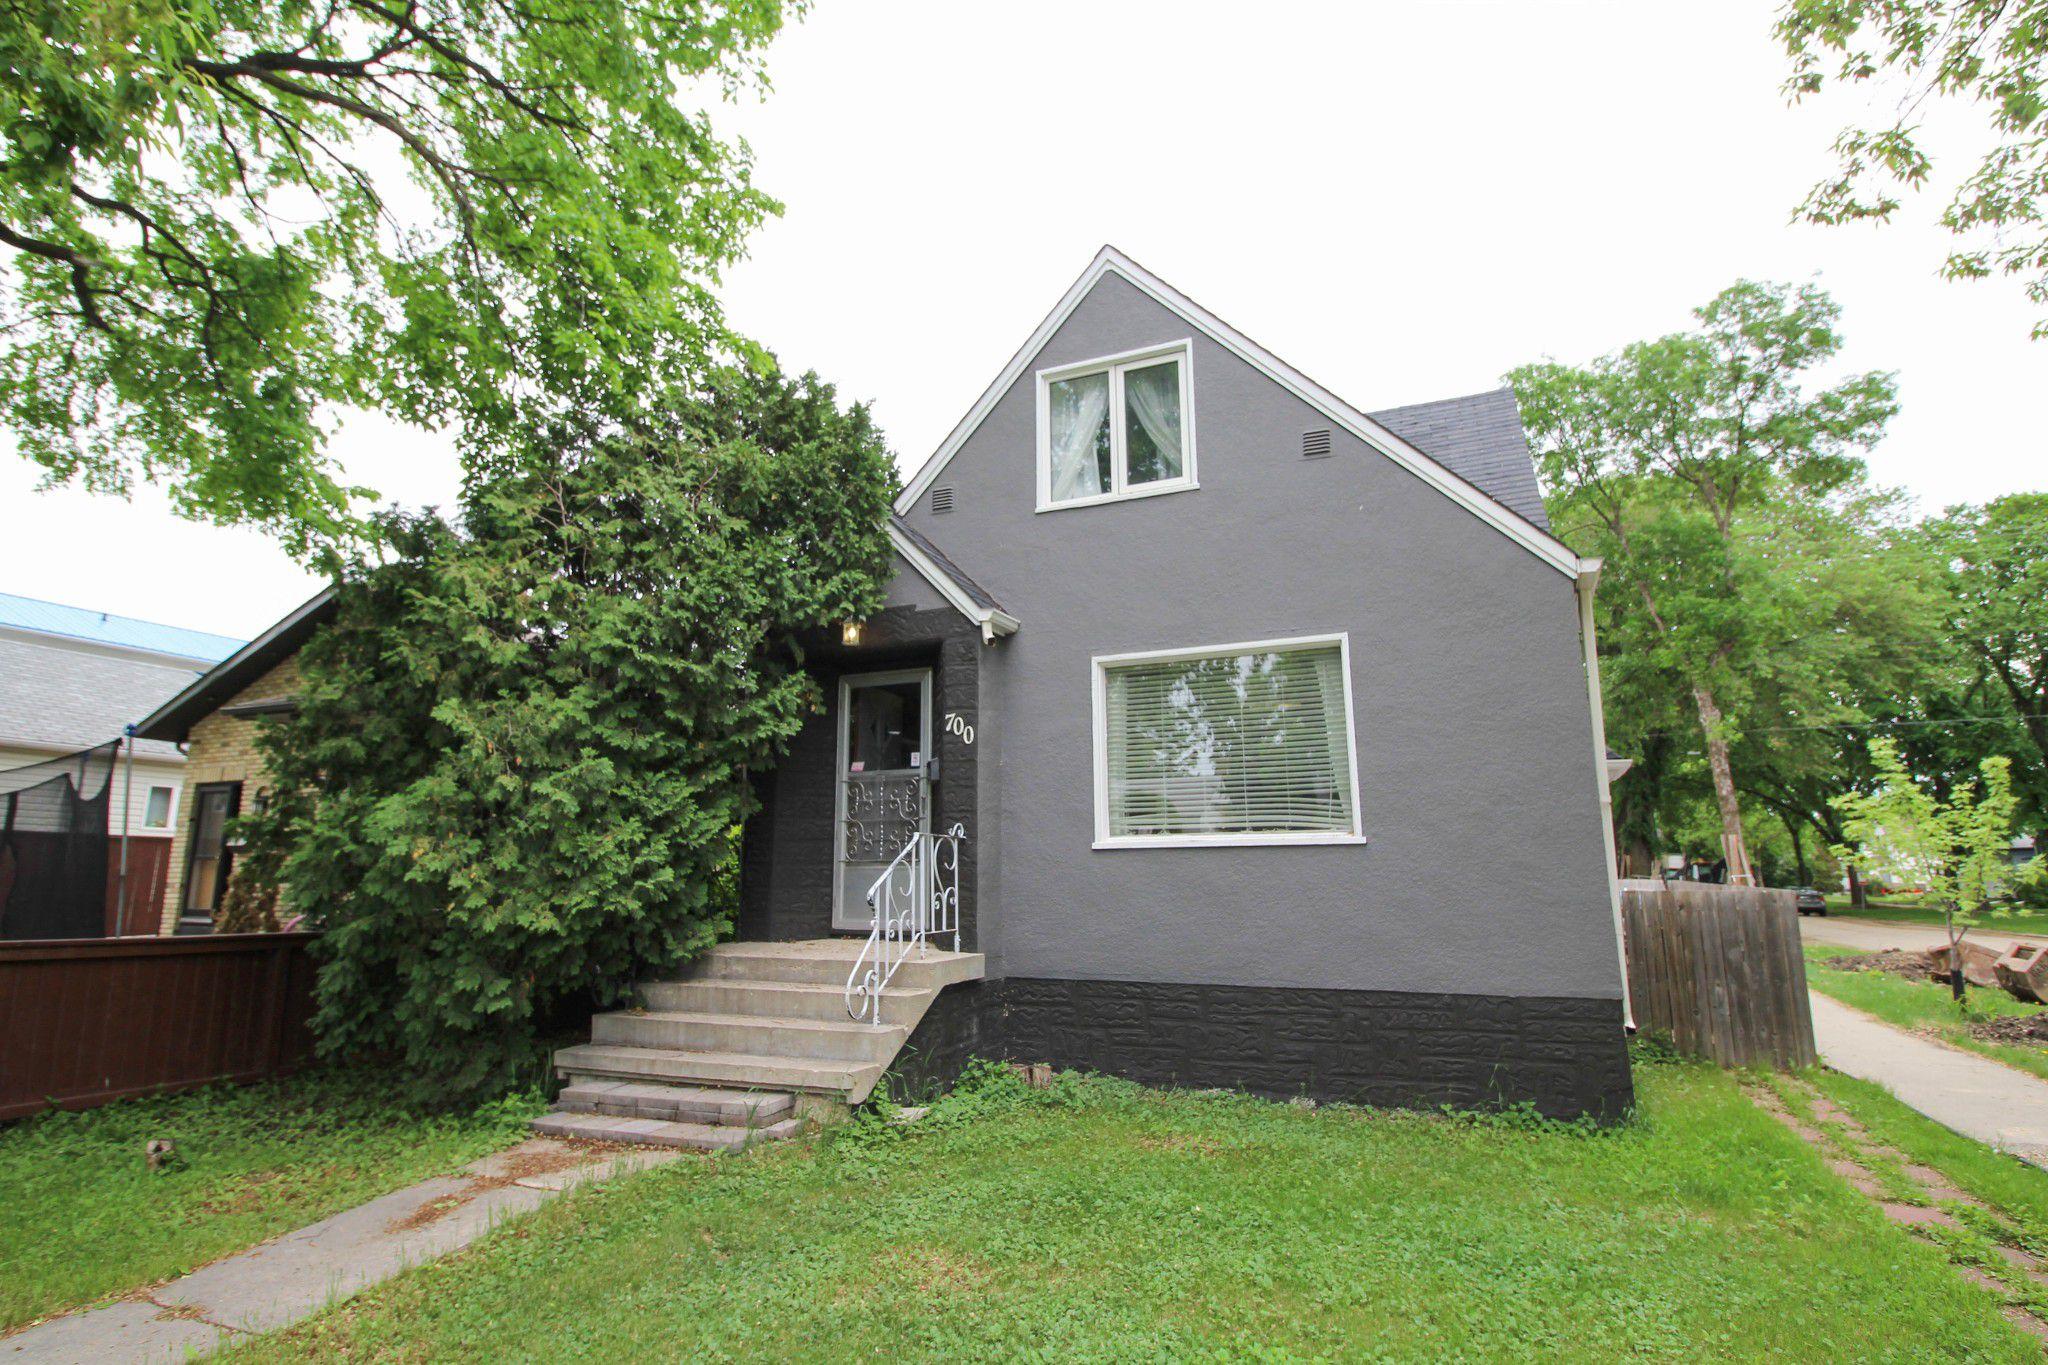 Main Photo: 5 Bedroom Transcona home beautifully upgraded!